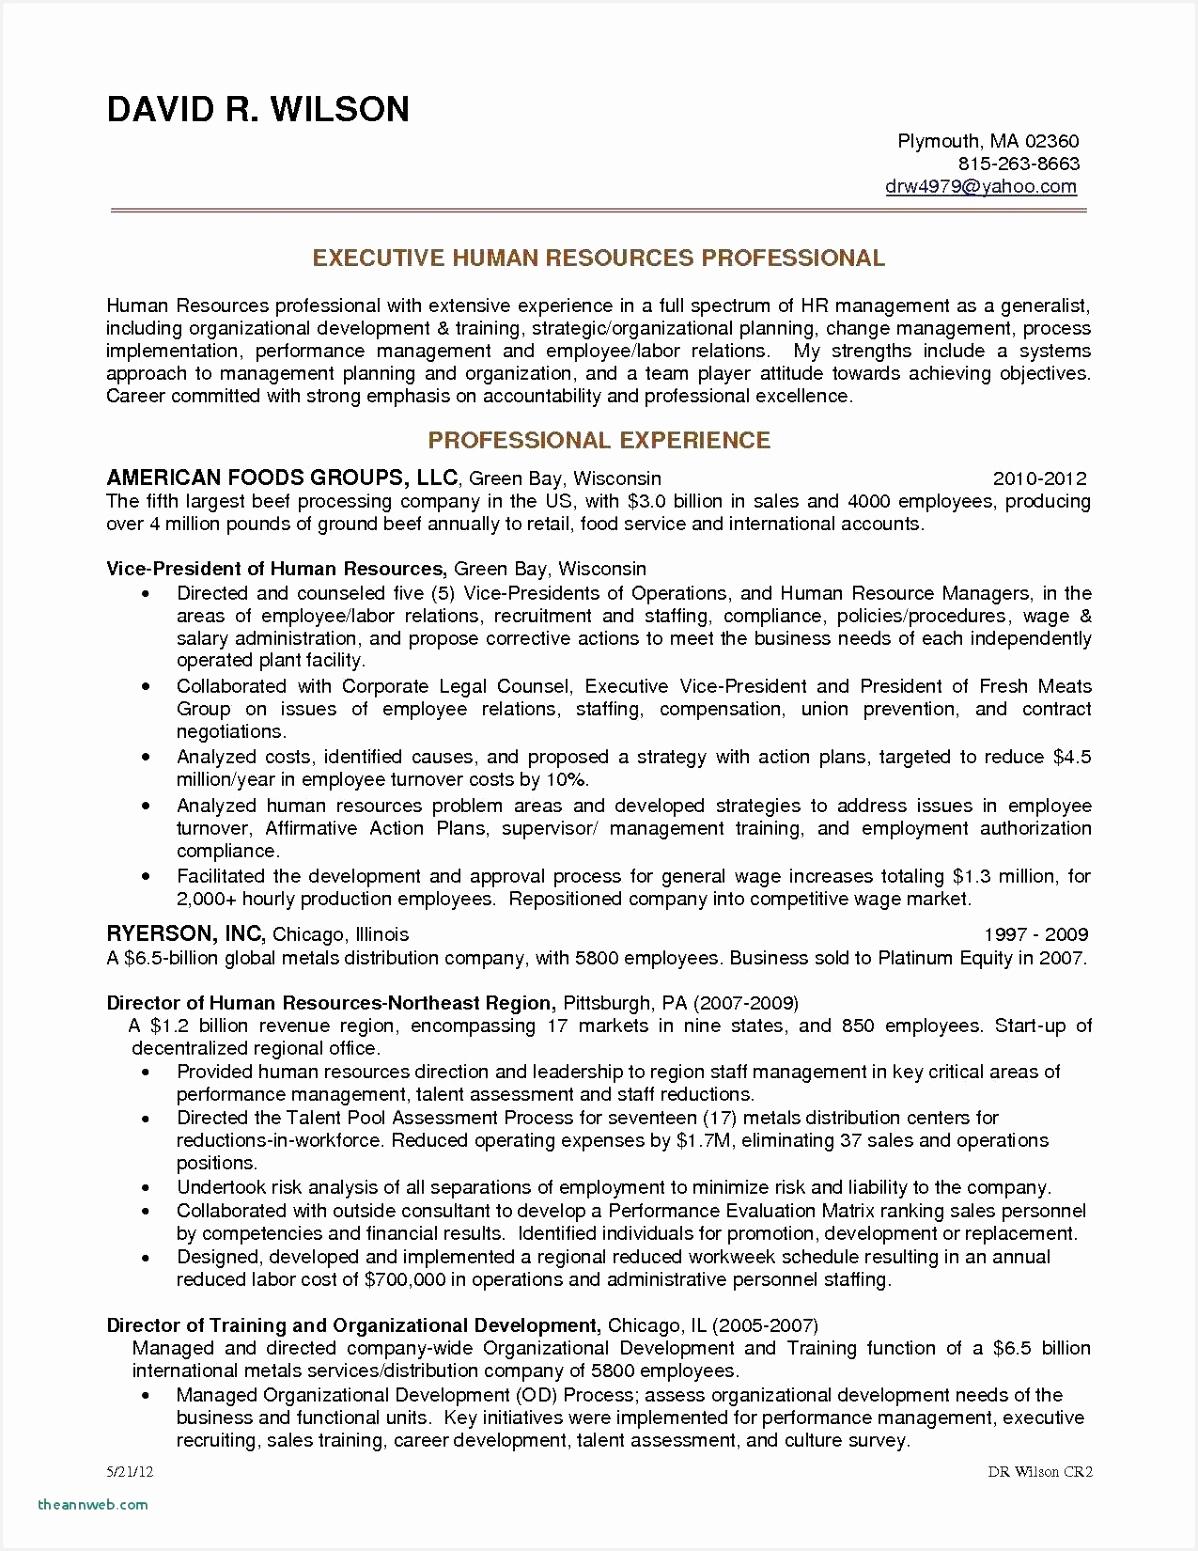 Sample Resume Letter for Job Eakhv Unique Sample Resume Letter for Job Application Pdf Valid Sample Resume and Of 7 Sample Resume Letter for Job